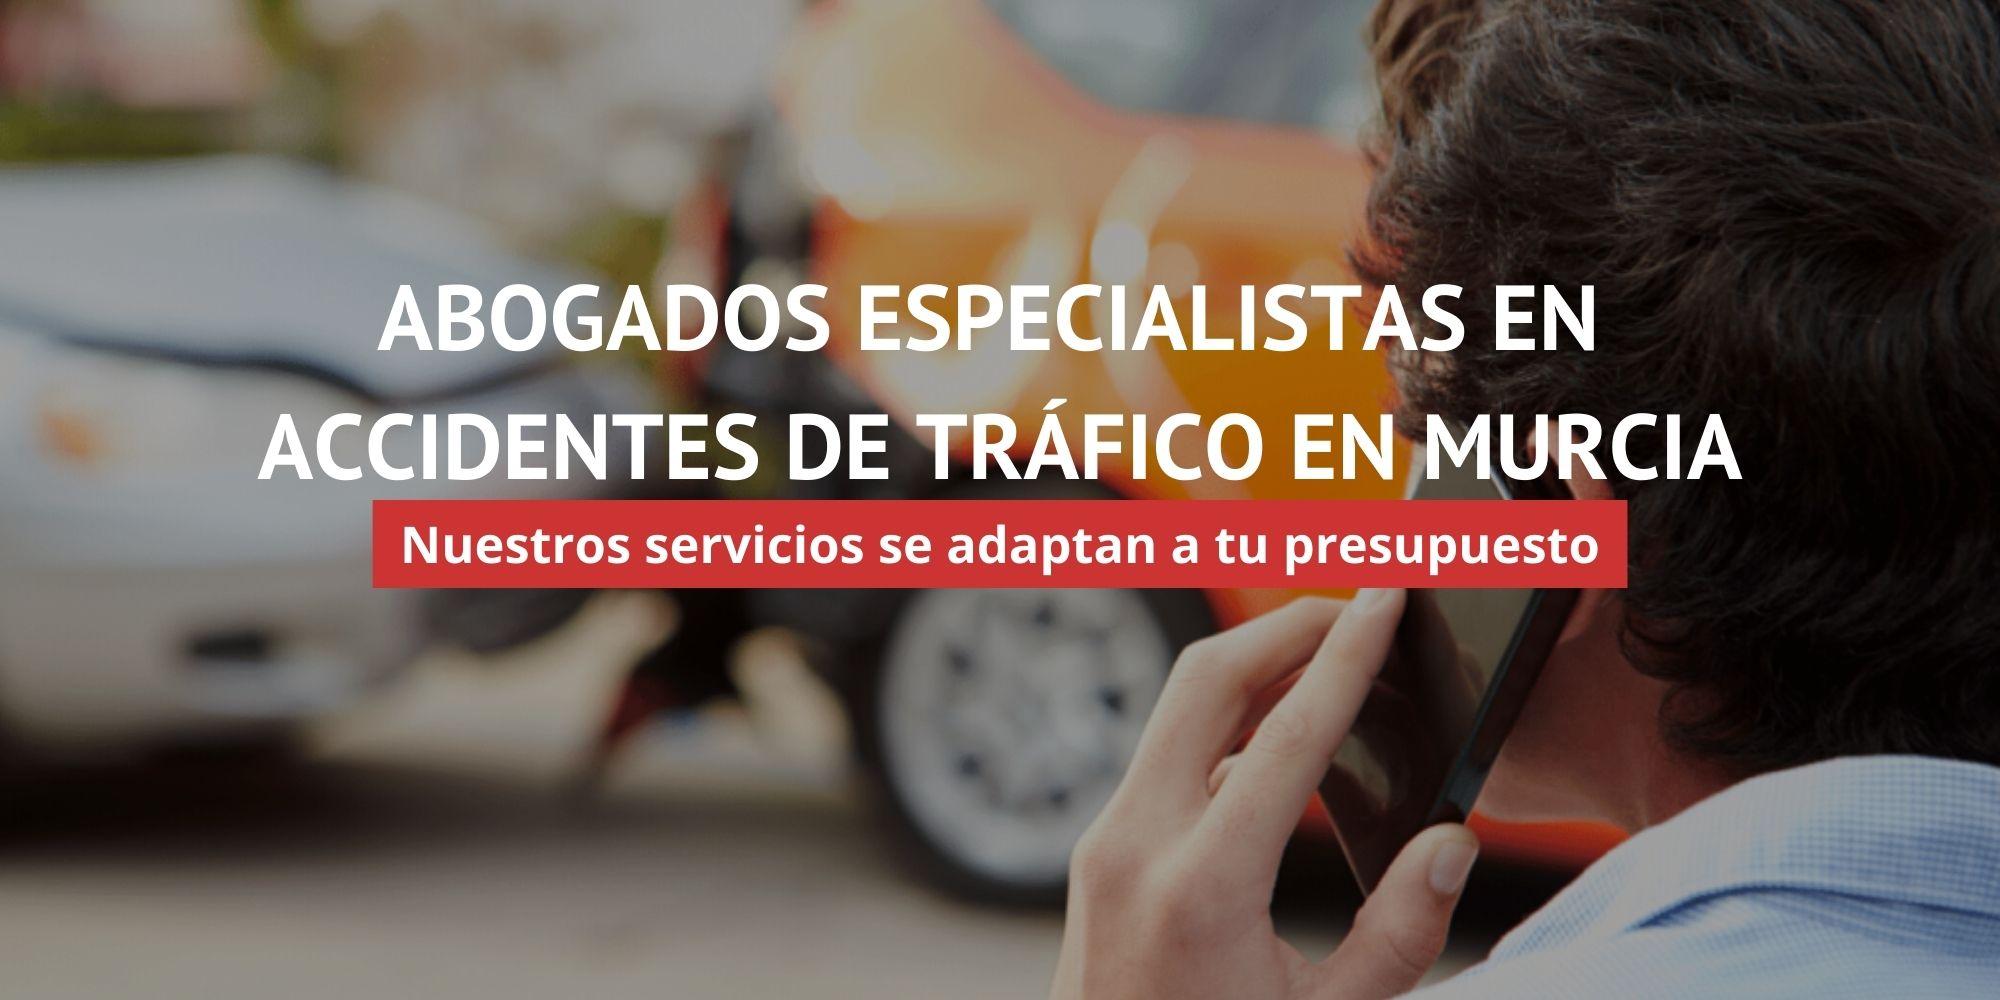 Abogados Accidentes de Tráfico Murcia - Primera Visita Gratis | ACC LEGAL ABOGADOS